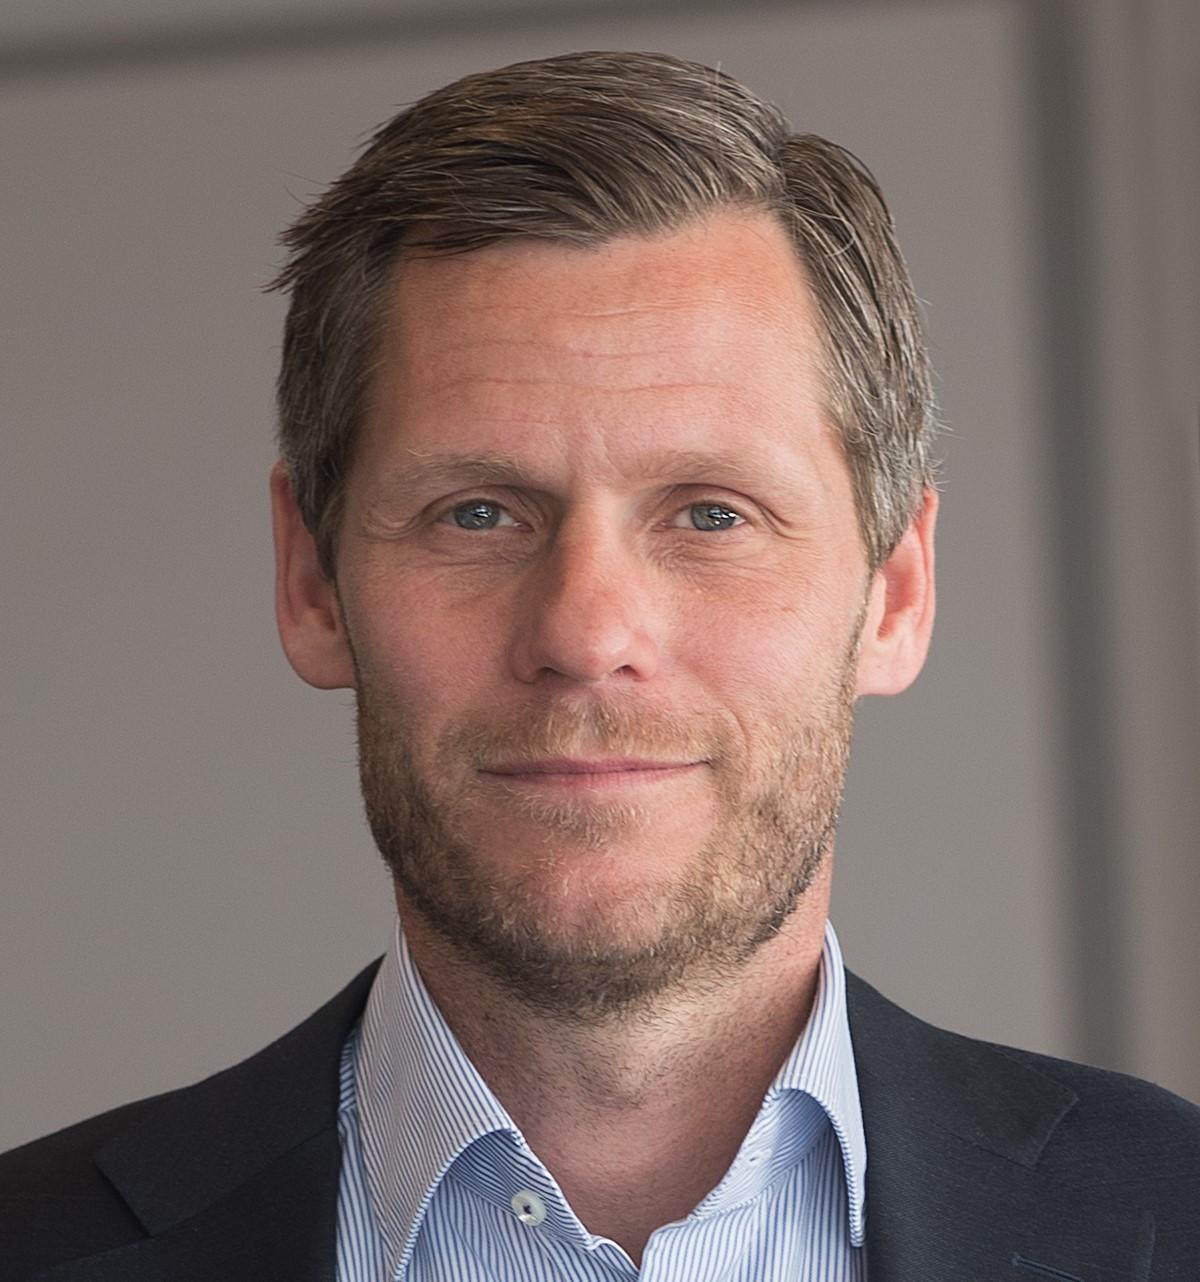 Ole Sølvsten Hemmingsen